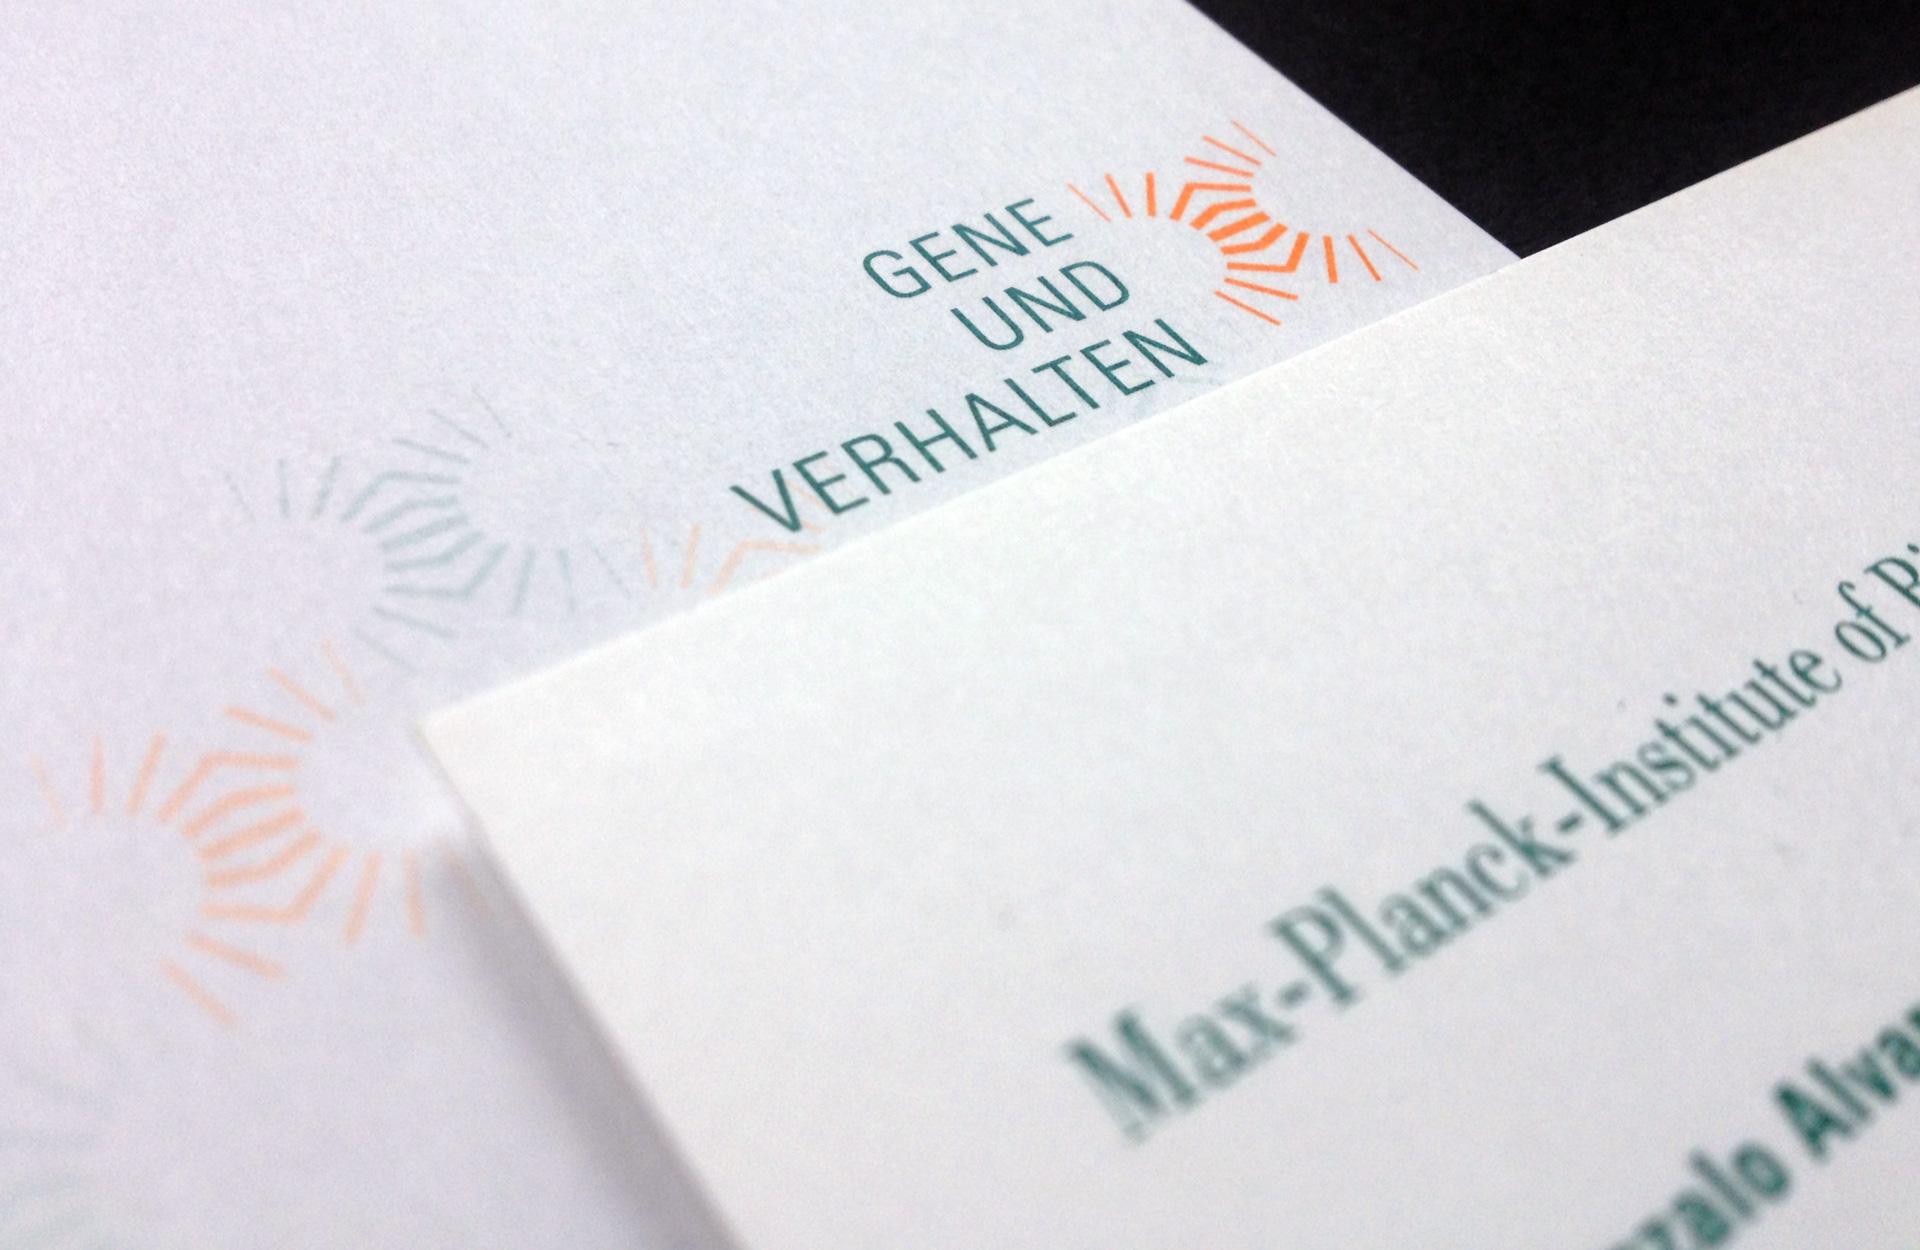 Max-Planck-Institut für biophysikalische Chemie, Abteilung Gene und Verhalten Göttingen, Wort-Bildmarke